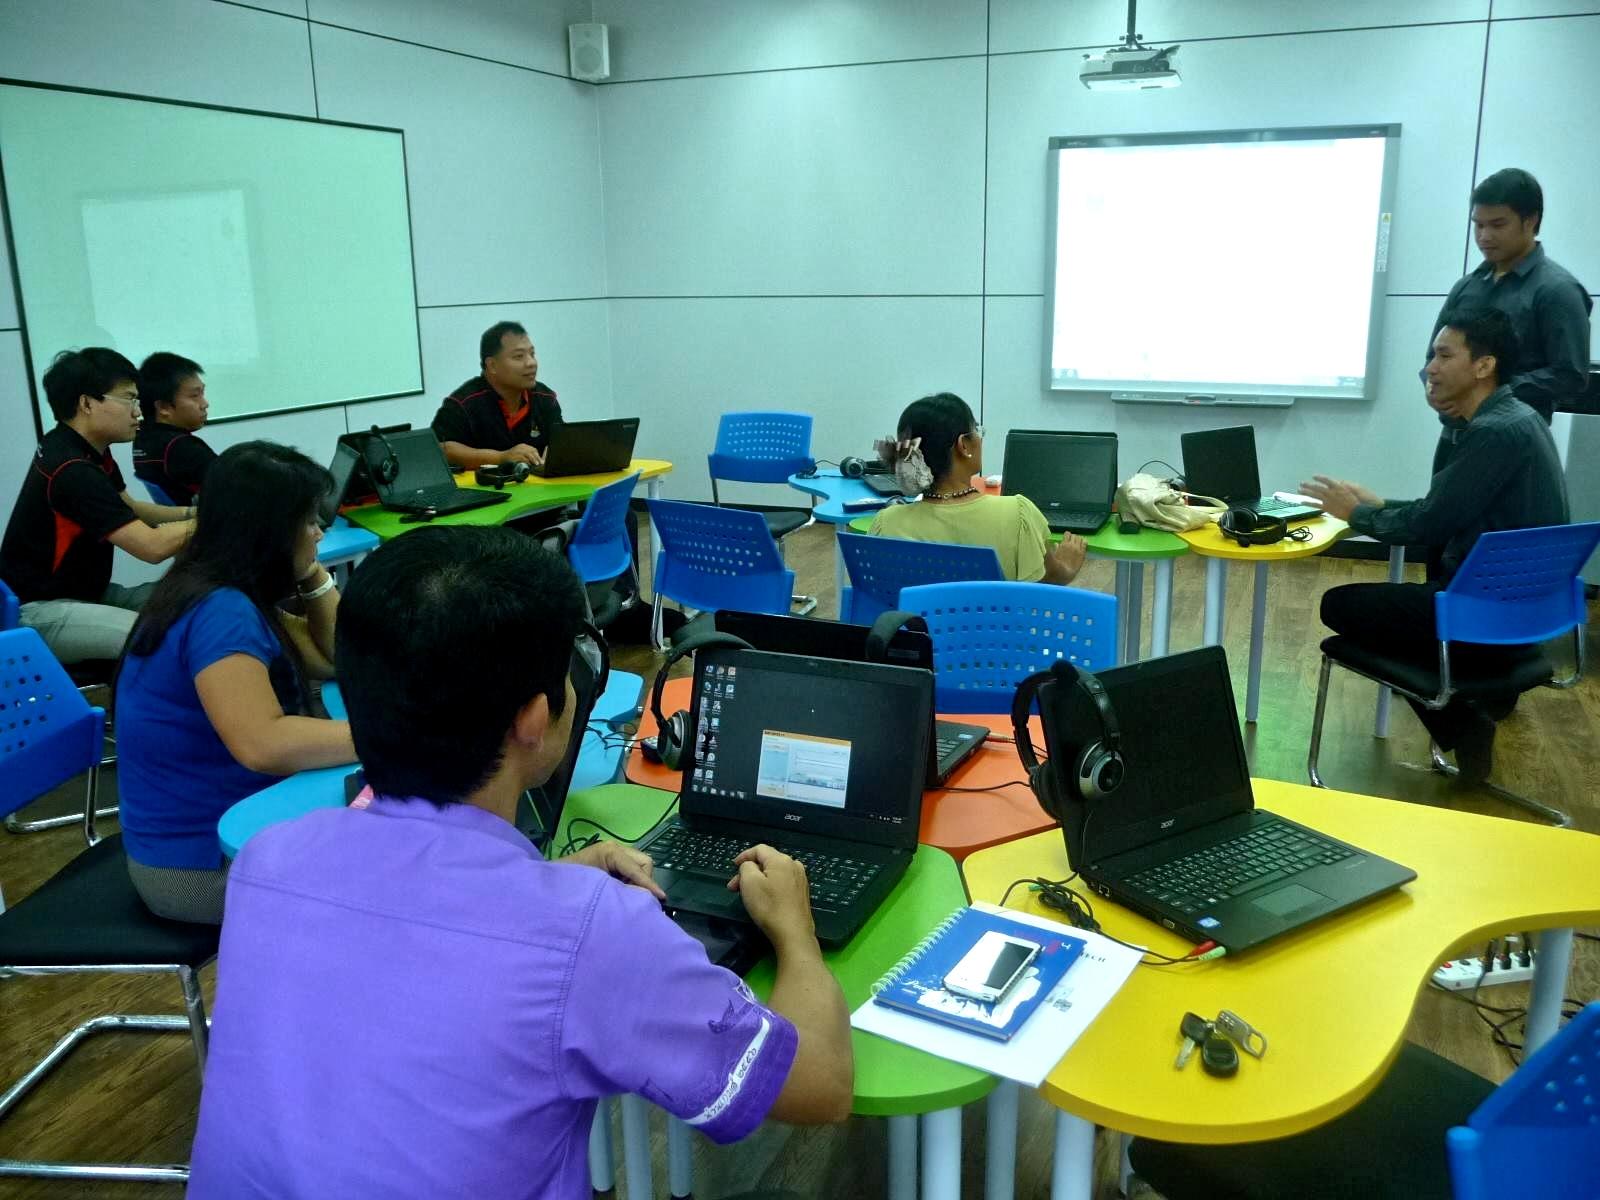 ทีมวิทยะฯ น่าน Workshop ห้องปฏิบัติการ Learning Innovation Center